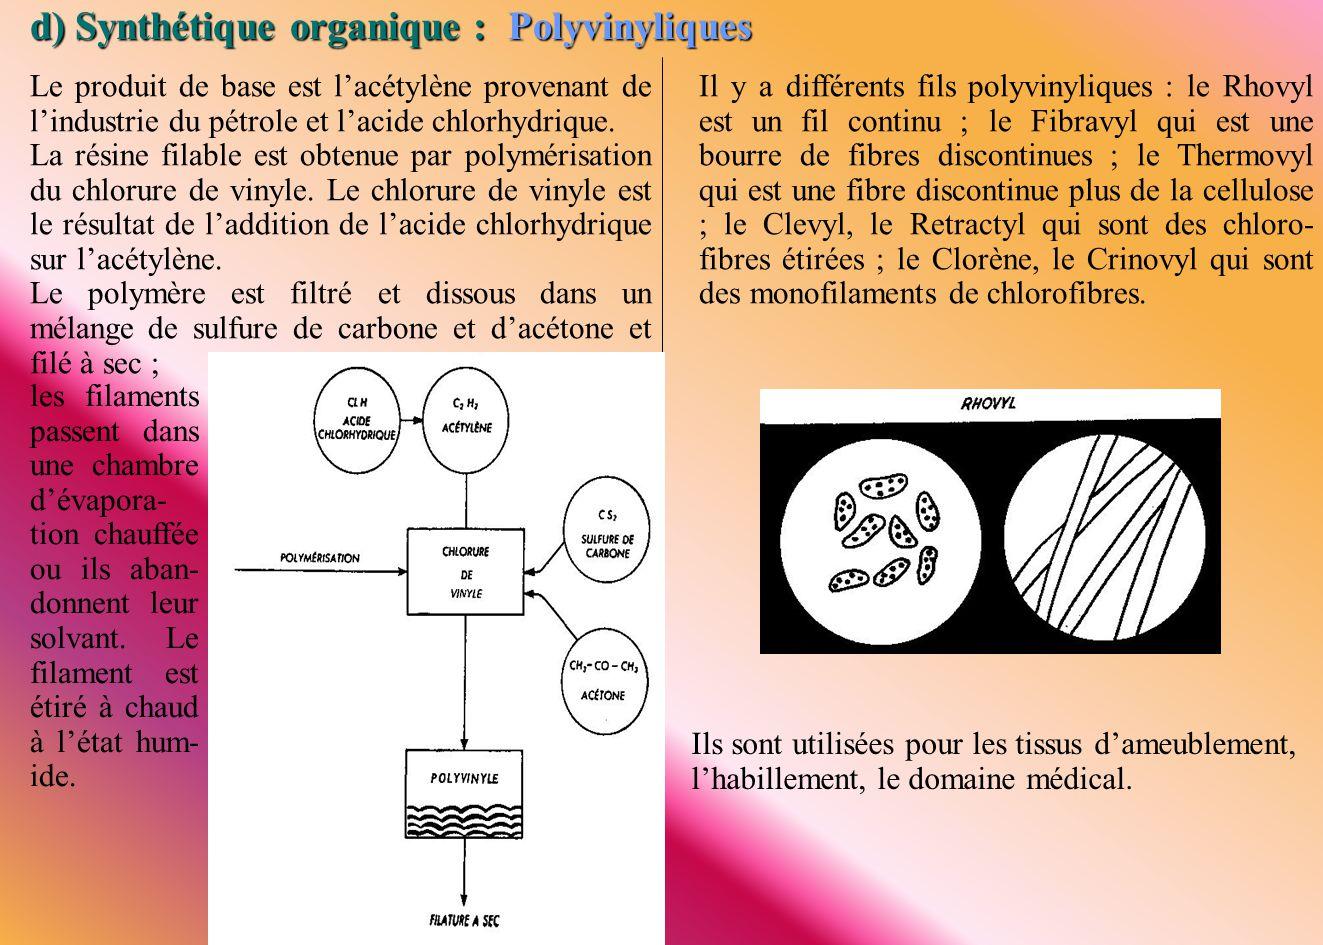 d) Synthétique organique : Polyvinyliques